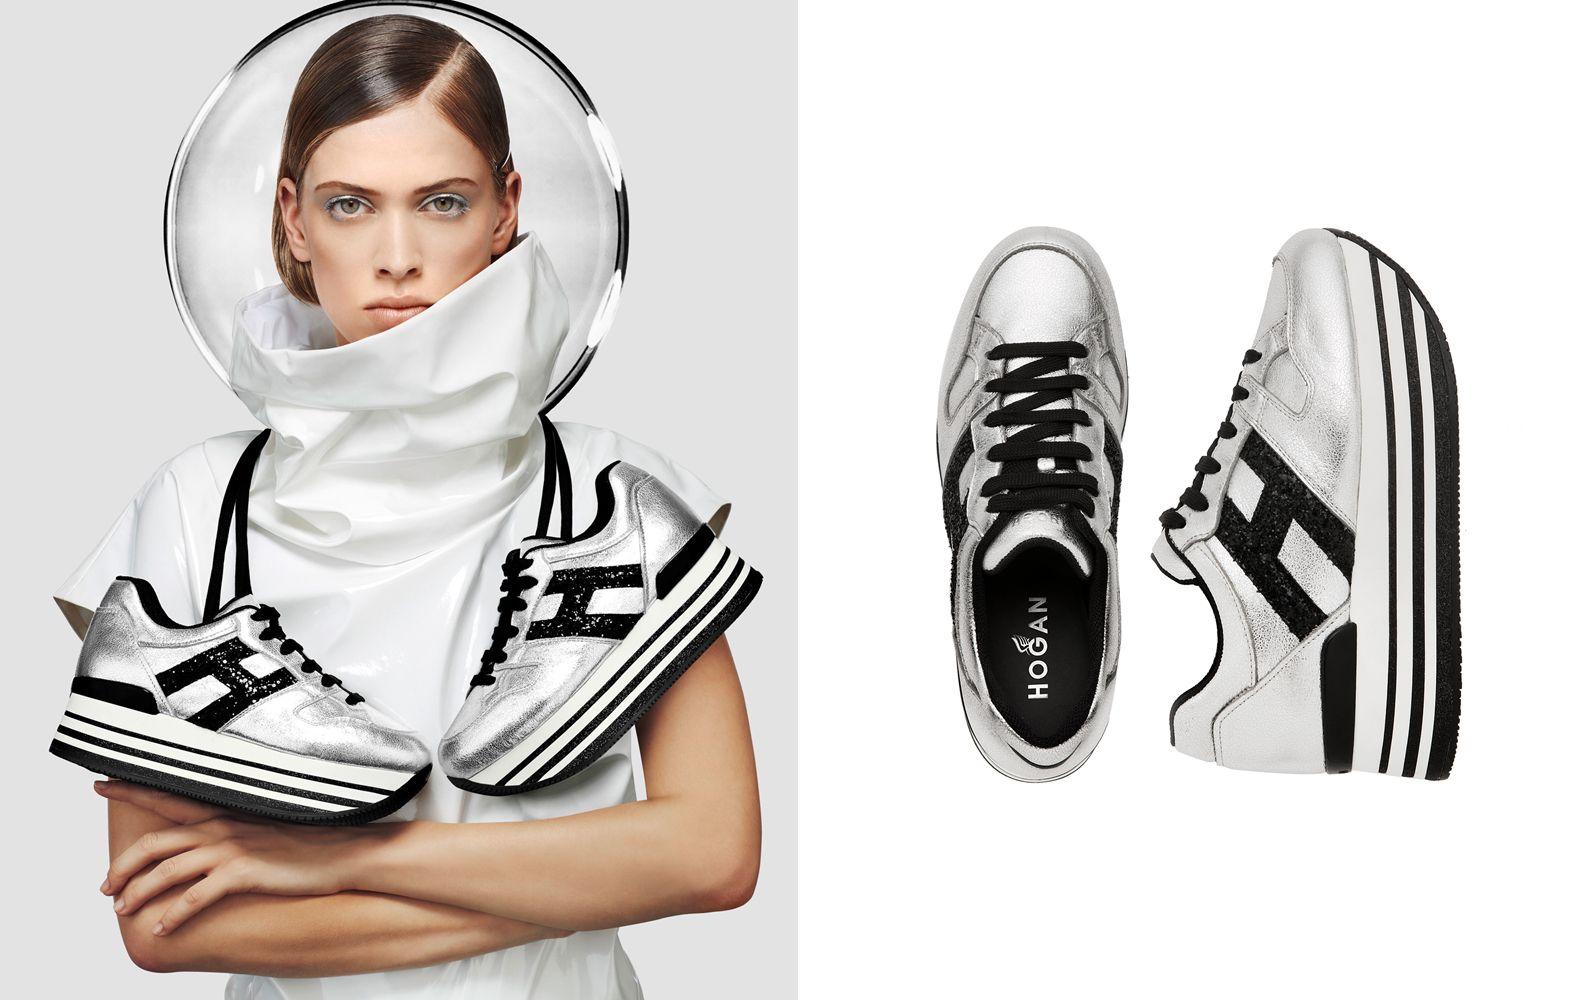 HOGAN MAXI H222金屬銀色皮革休閒鞋,NTD 21,500。